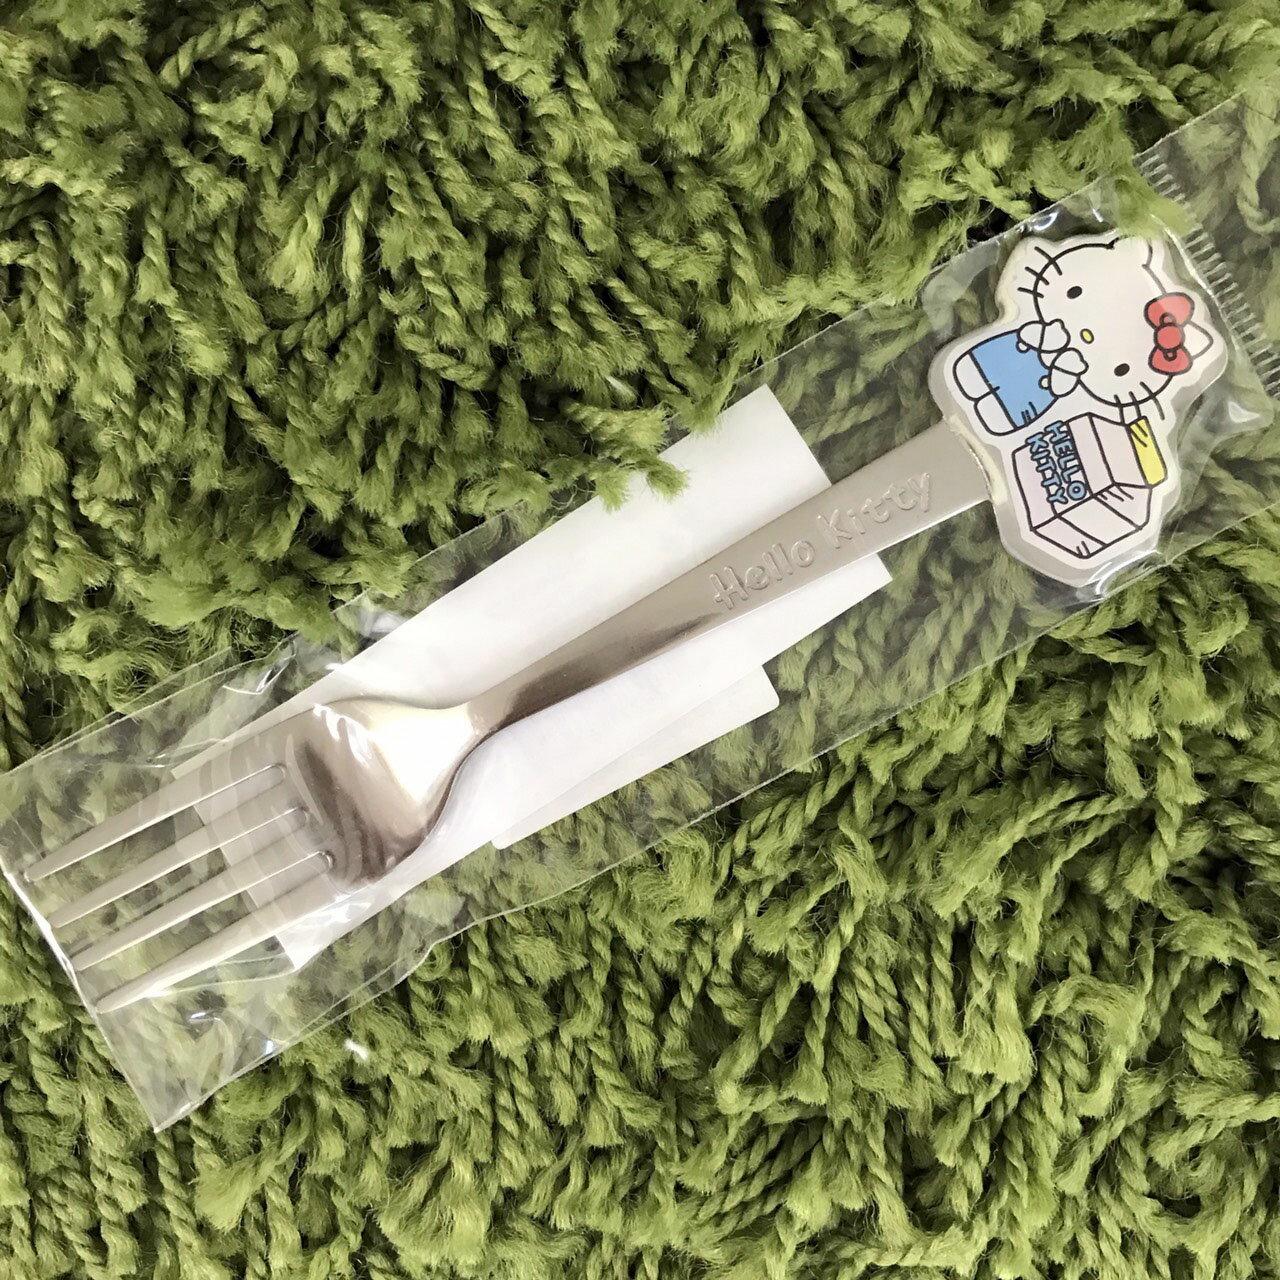 【真愛日本】17111600044 不鏽鋼造型叉子-KT牛奶盒 三麗鷗 kitty 凱蒂貓 餐具 叉子 廚房用品